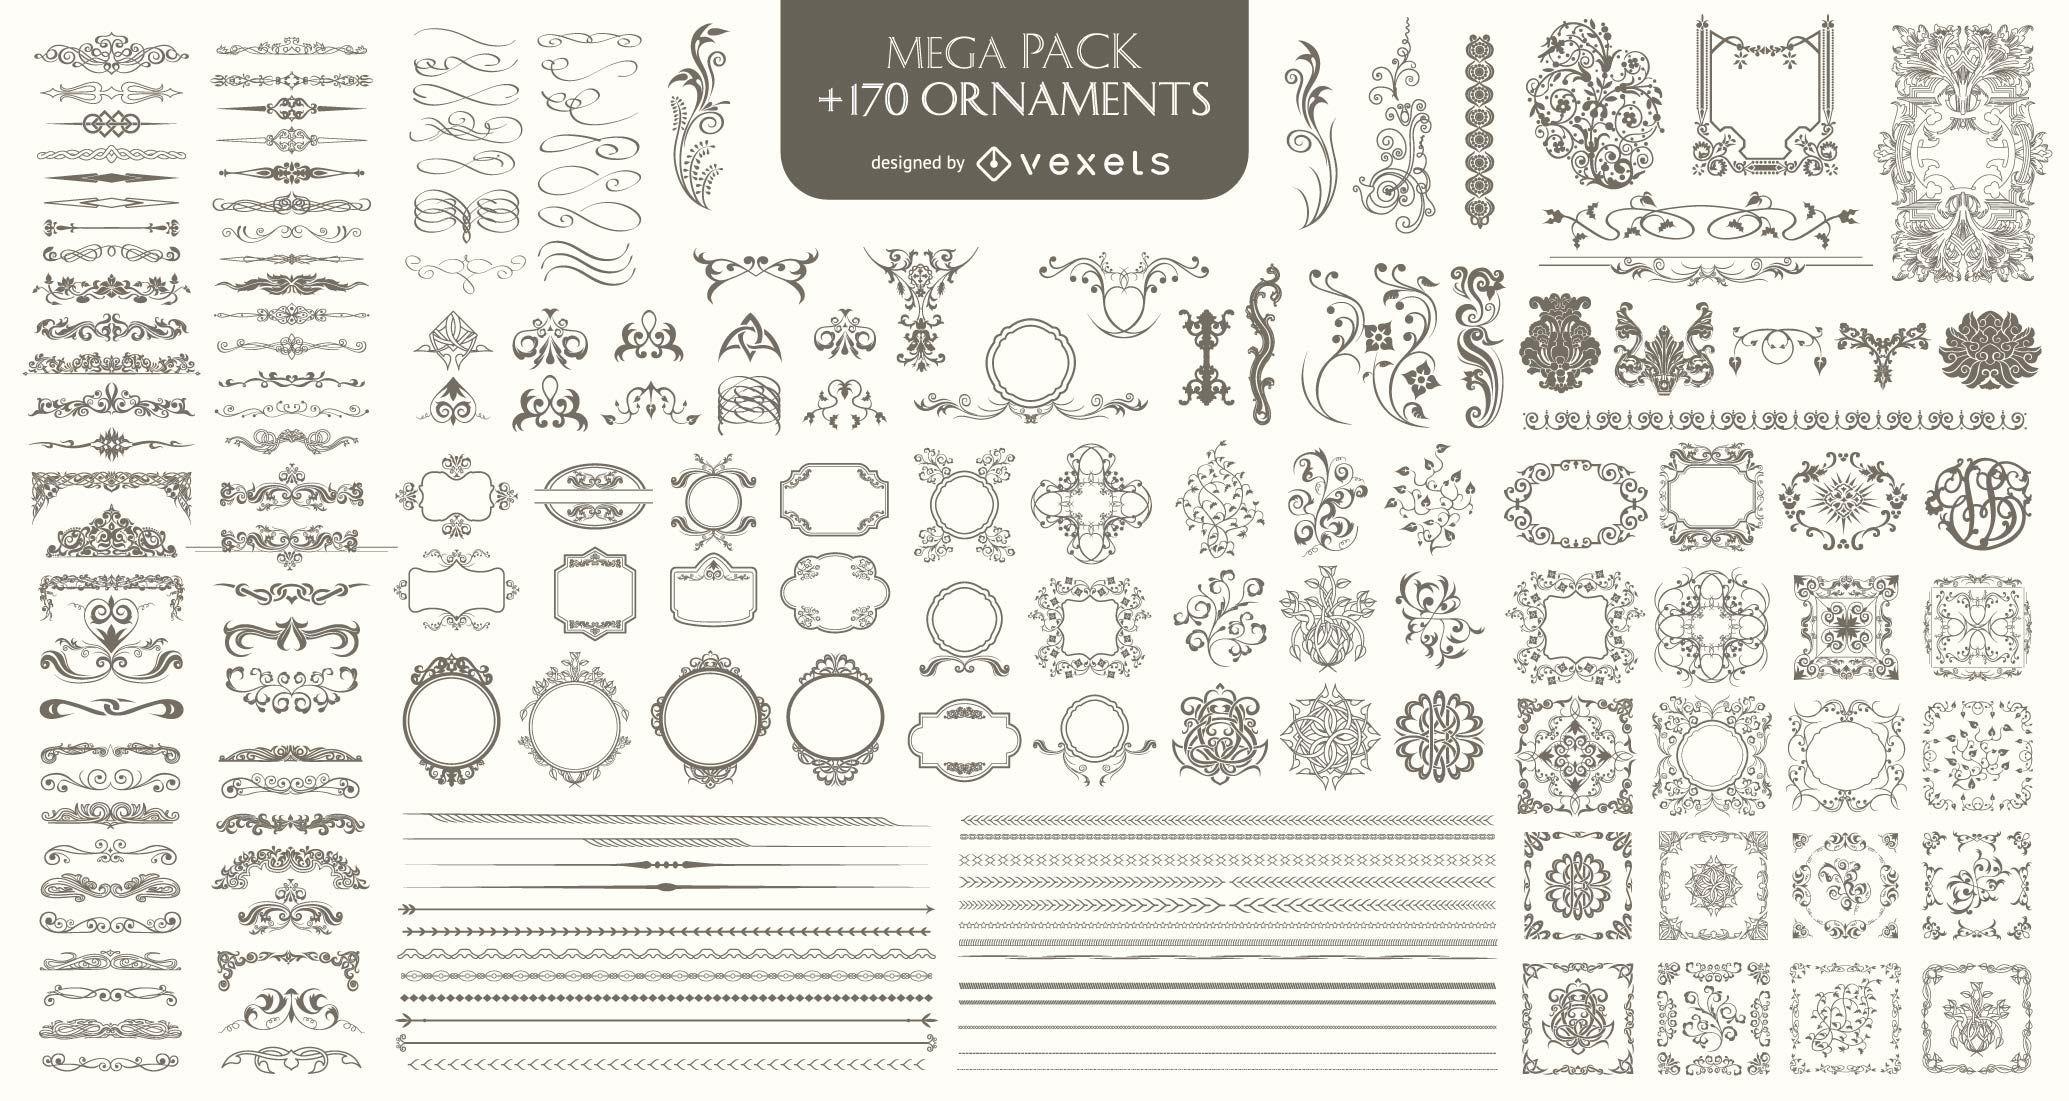 170 Ornaments Mega Pack: Trennwände Rahmen Ecken Ränder und mehr